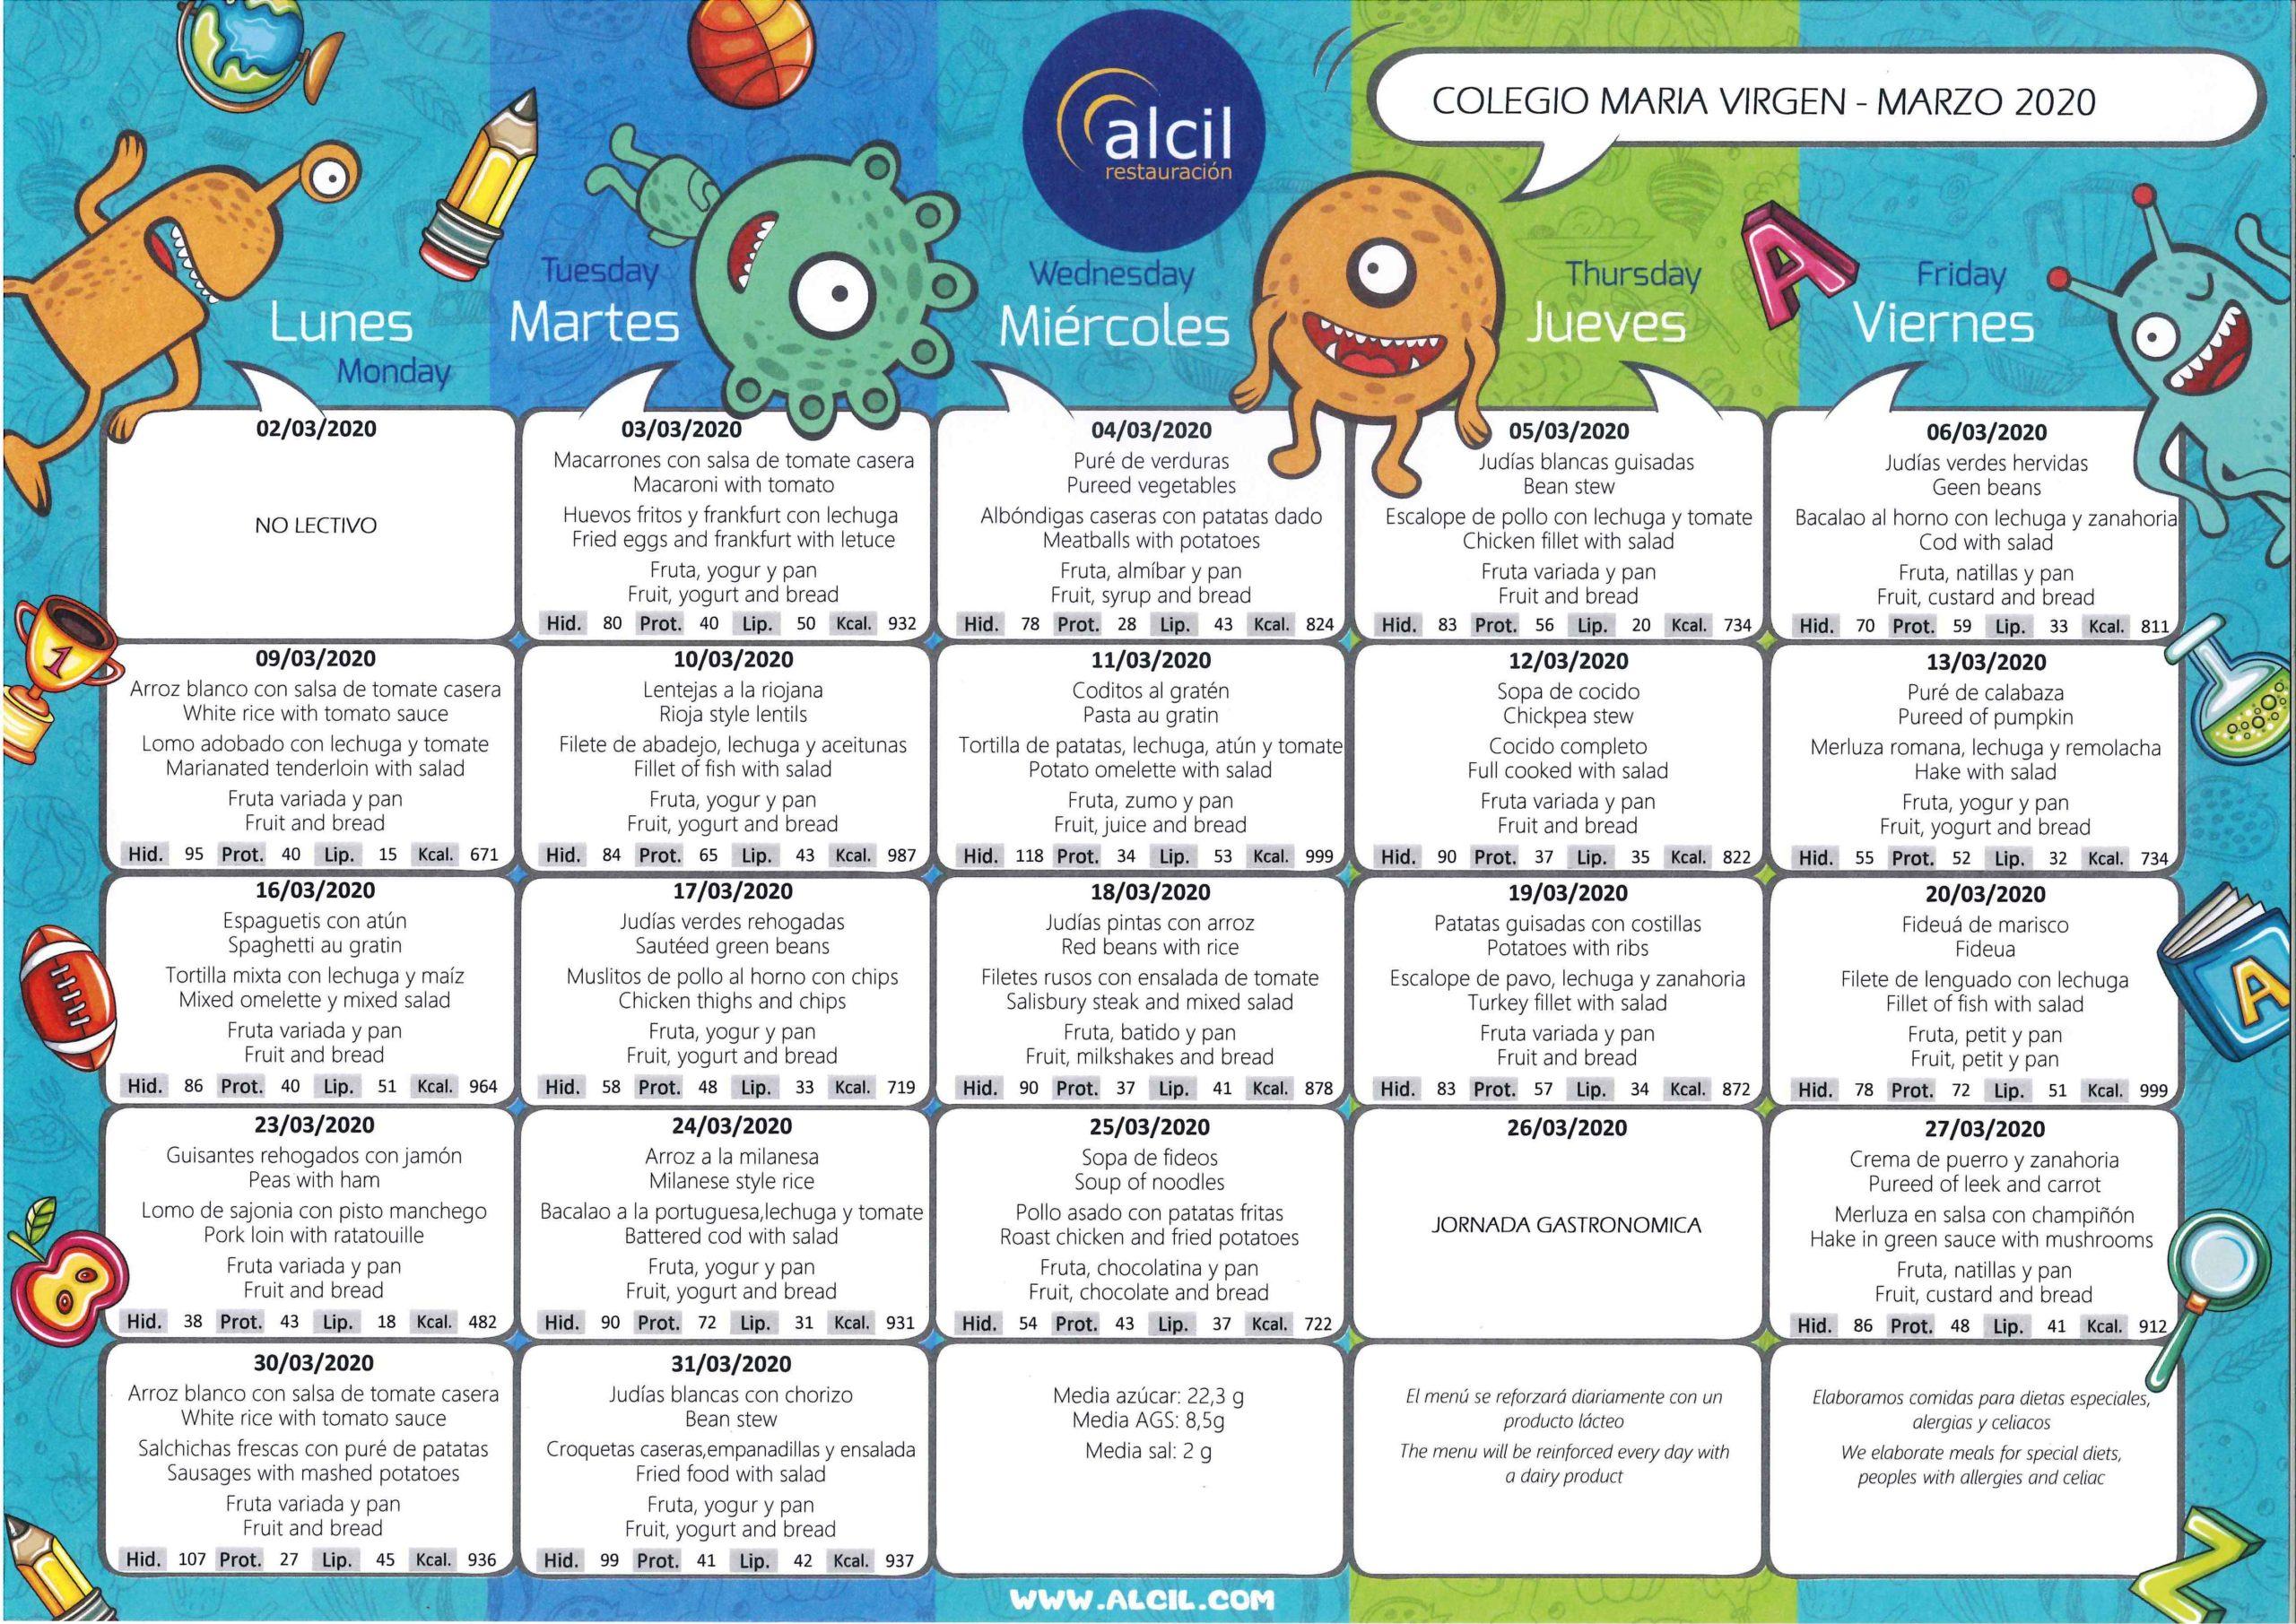 colegio maria virgen jesuitinas concertado chamartin bilingue madrid comedor menu